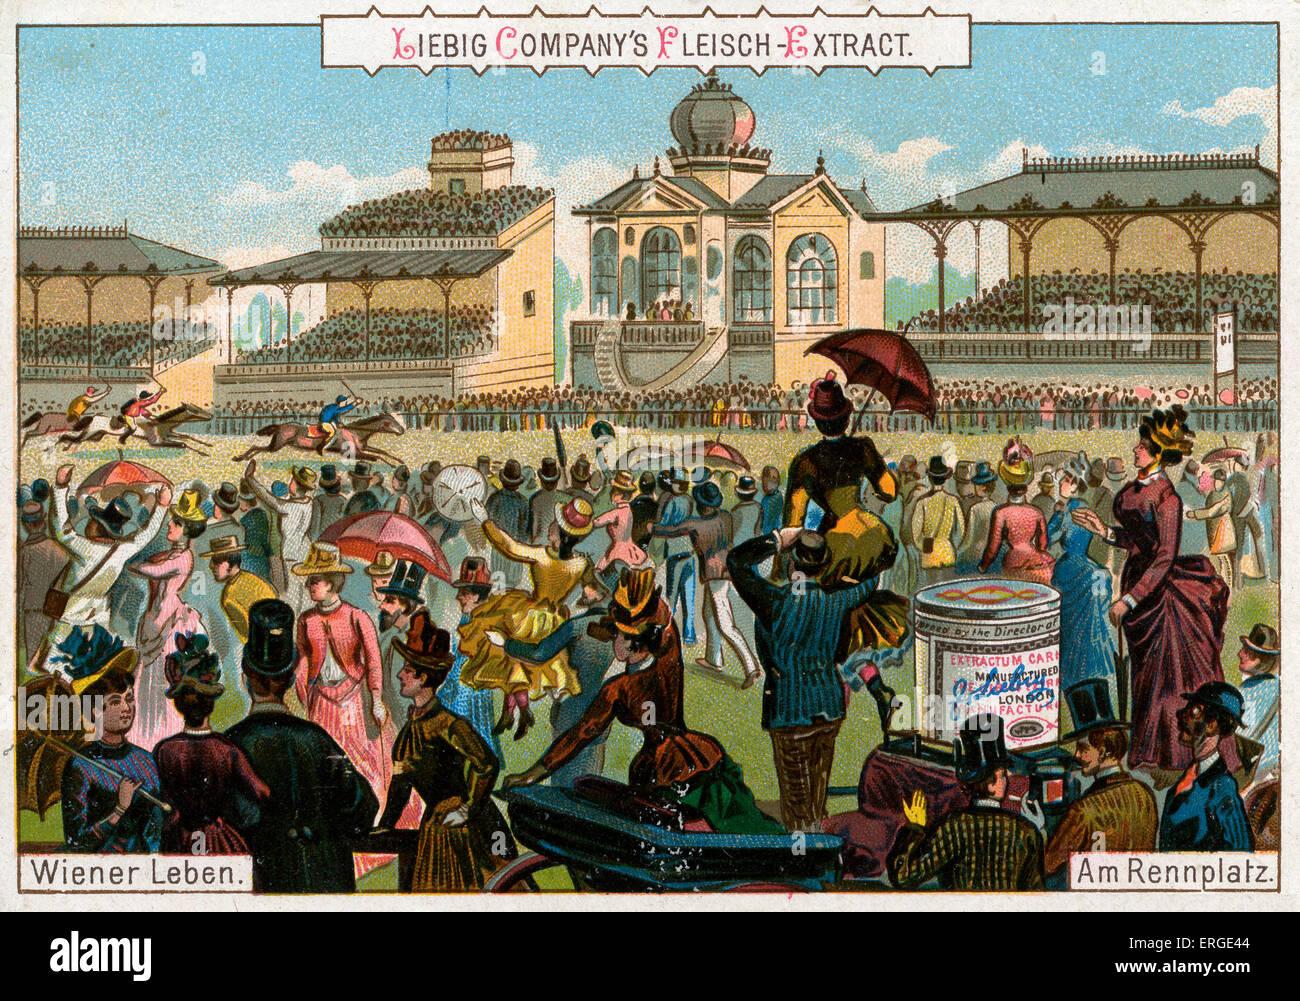 """El hipódromo. El título dice: """"Soy Rennplatz'. Siglo xix en Viena. Serie de tarjetas Liebig: Imagen De Stock"""